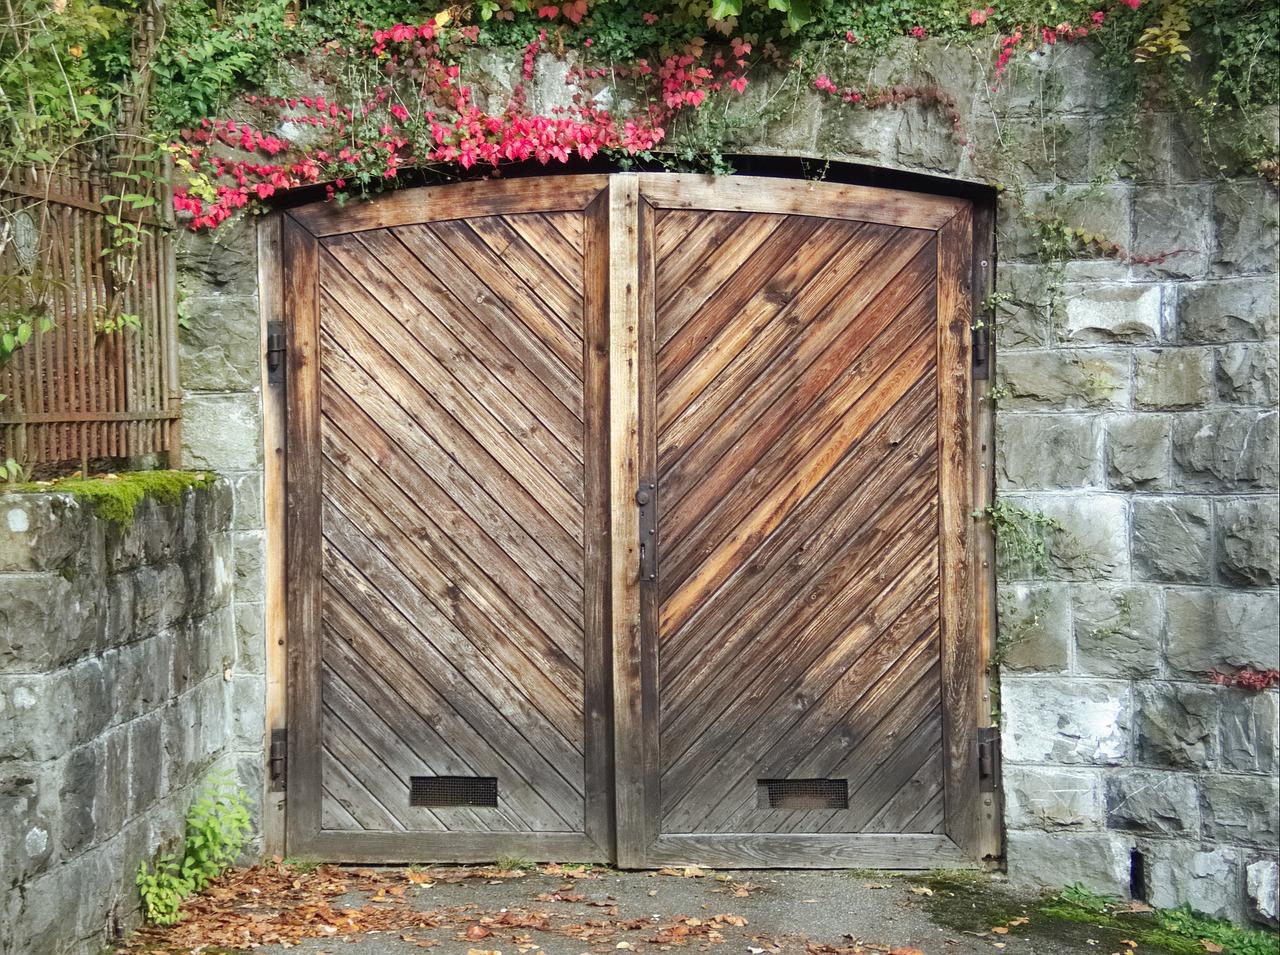 картинки на двери и ворота вячеславовна, очень внимательно